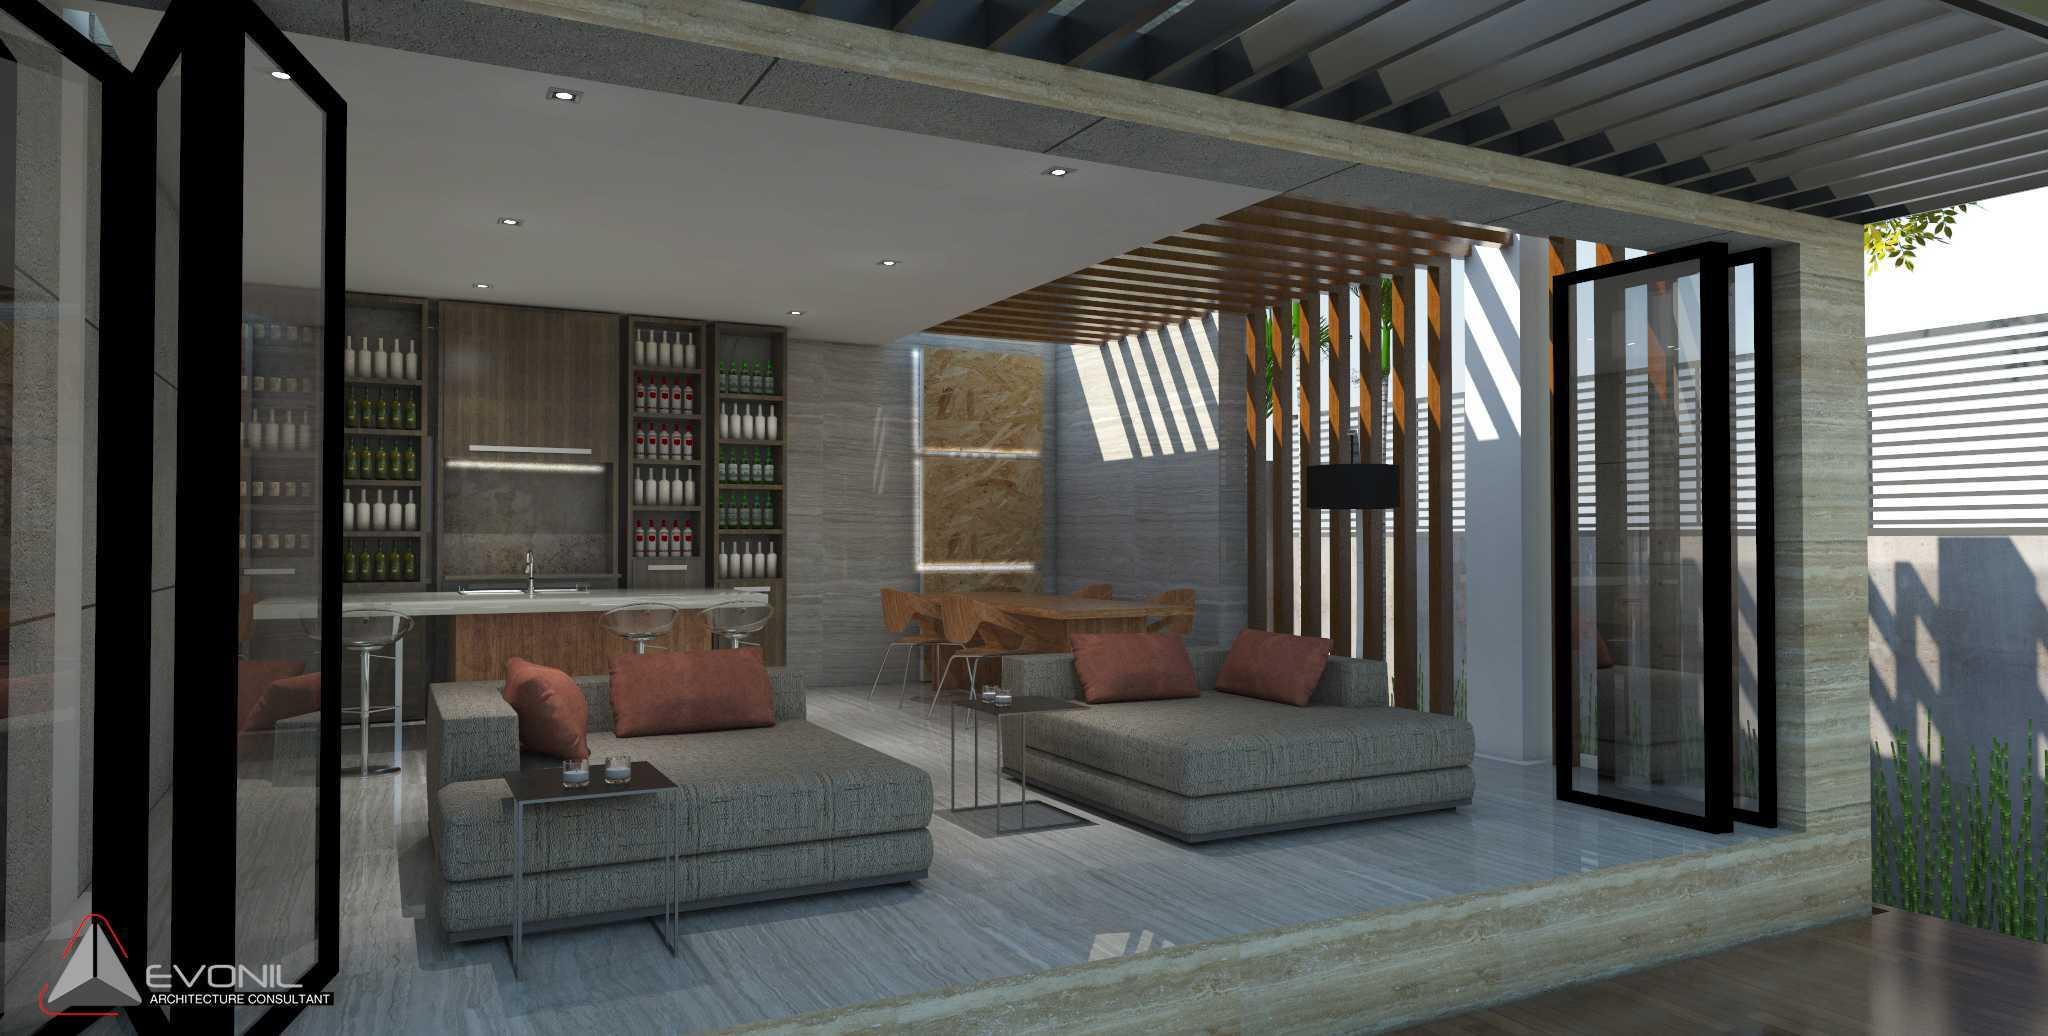 Evonil Architecture Residence Pangkalan Bun Pangkalan Bun, Kalimantan, Indonesia Pangkalan Bun, Kalimantan, Indonesia Parlour-2-Residence-Pangkalan-Bun Modern  13148